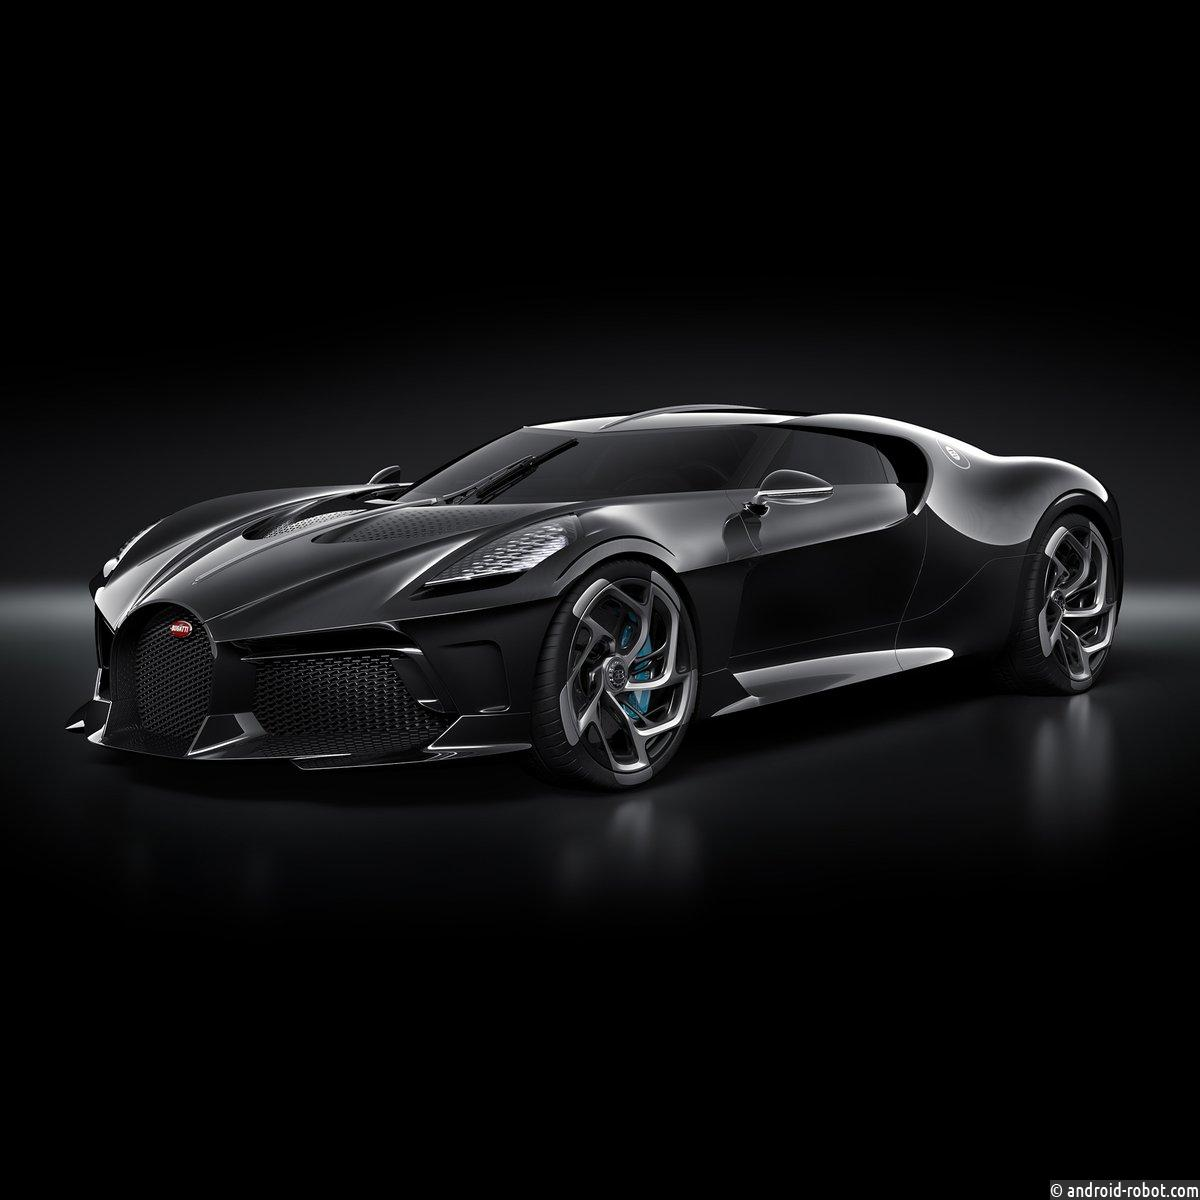 Bugatti представляет самый дорогой в мире новый автомобиль, проданный за 18,9 миллиона долларов